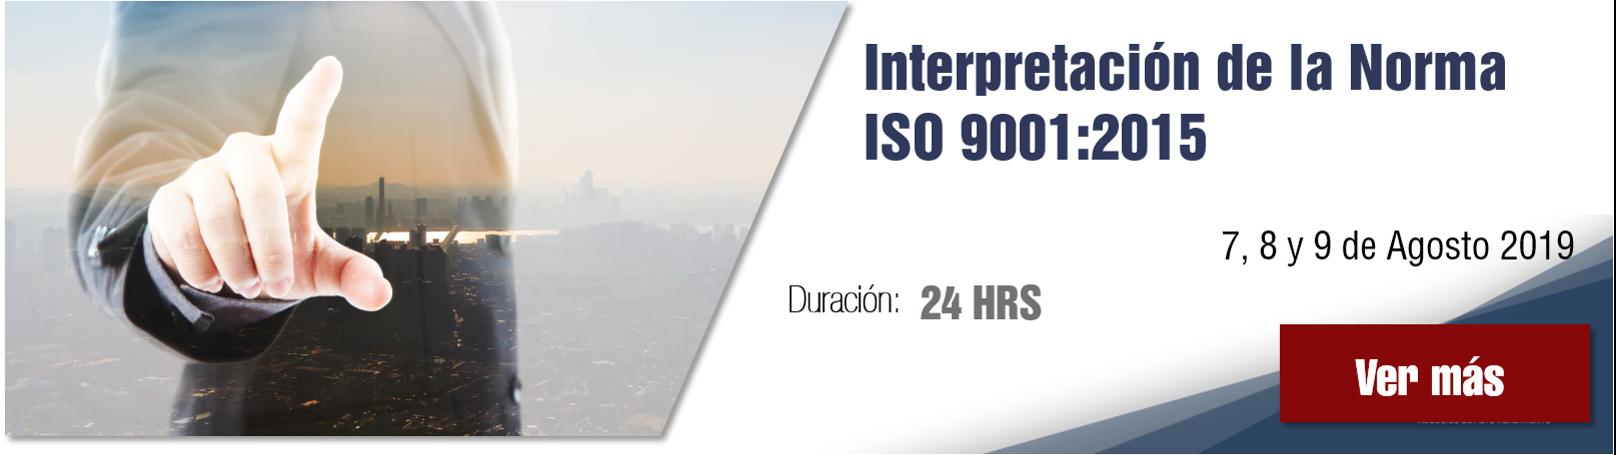 Curso interpretación de la norma ISO 9001